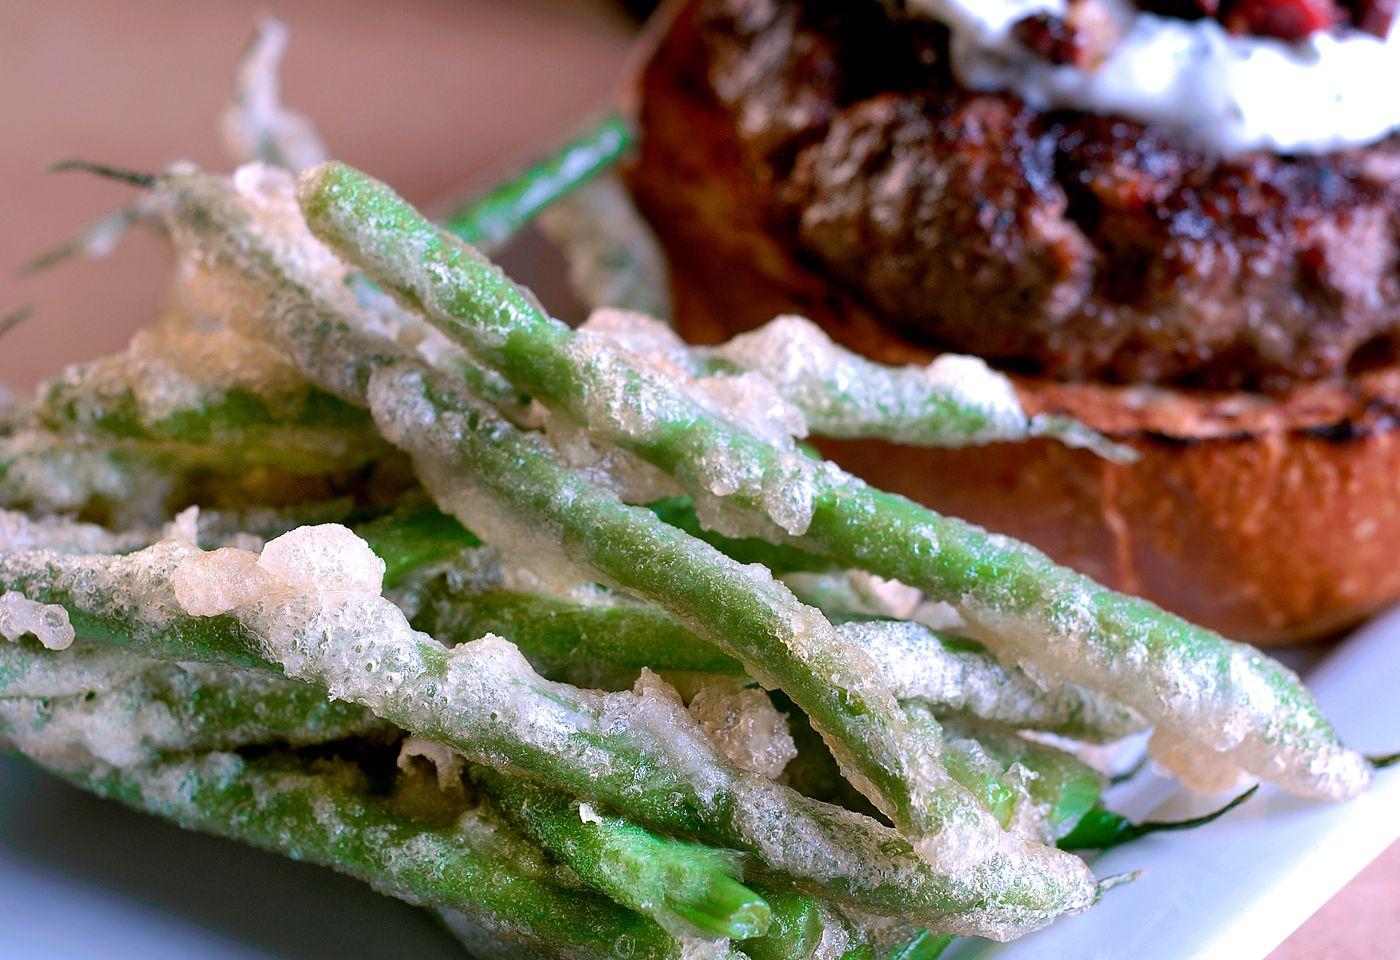 TempuraGreen beans with Lamb Burger -   The Ravenous Pig